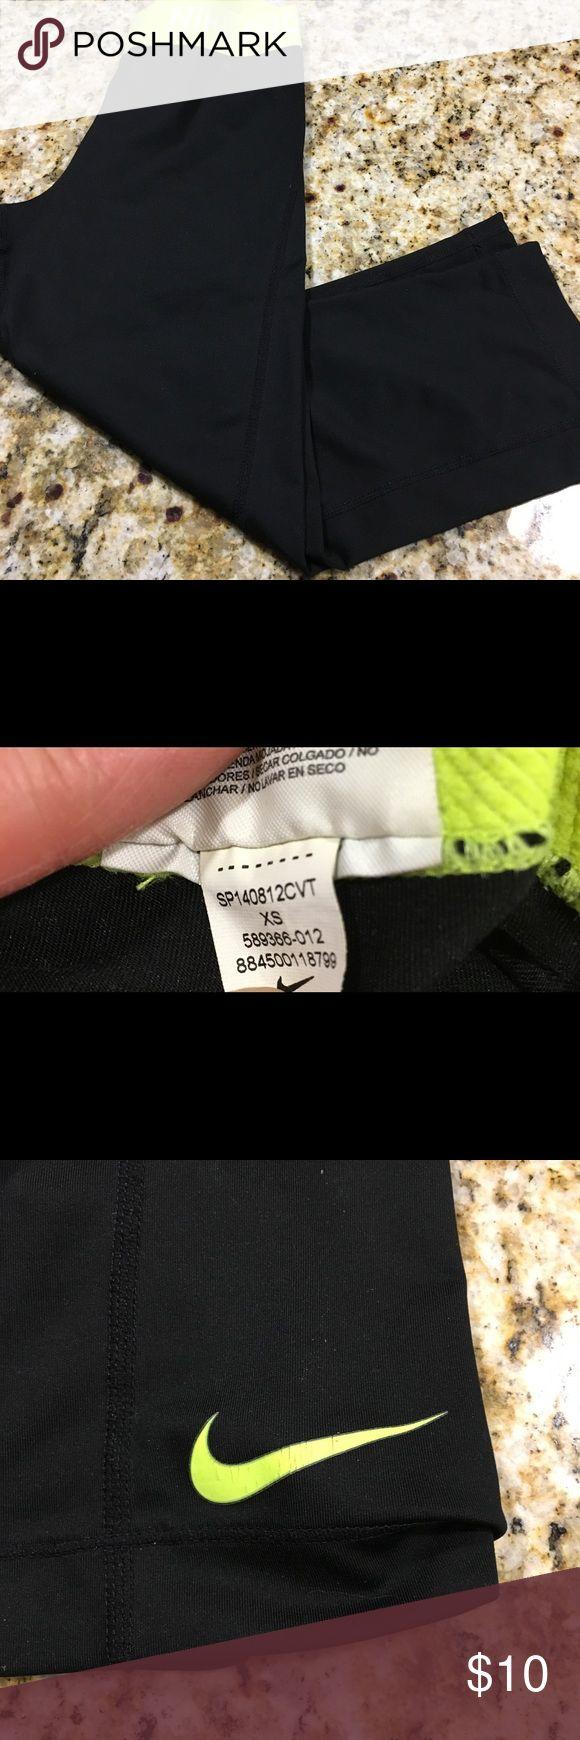 """Nike pro capris sz XS dri-fit gorgeous Nike pro capris Excellent condition  Sz XS  Length 24.5 Waist 20"""" Green and black - fab price  excellent condition. Bundle some items!!! Nike Pro Pants Capris"""